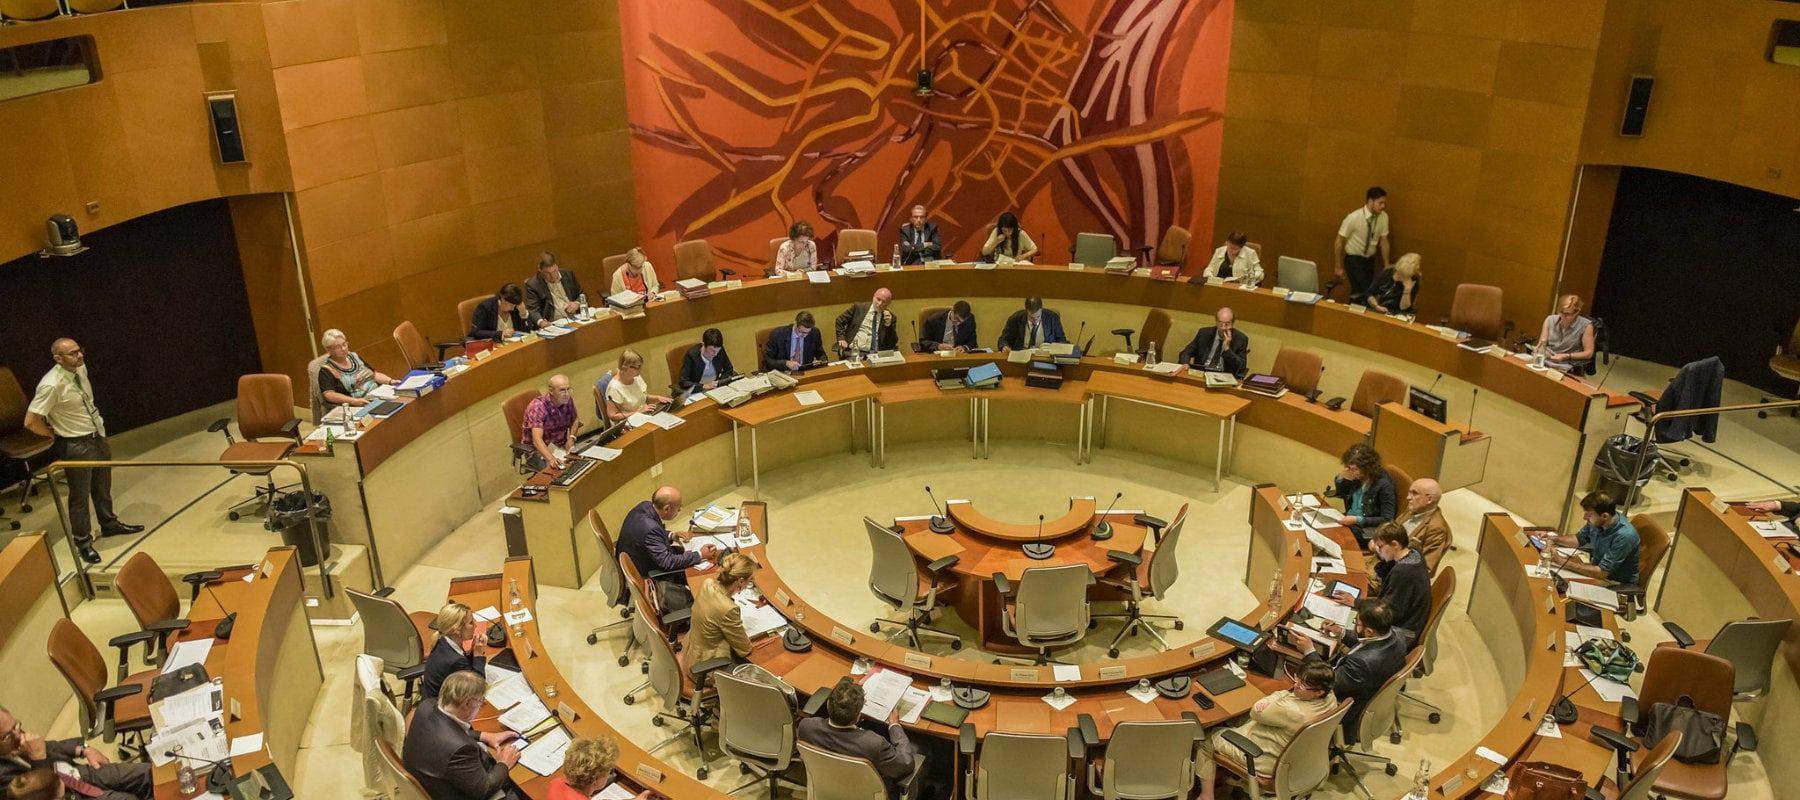 Au conseil de l'Eurométropole, les comptes et l'absentéisme des élus à l'étude